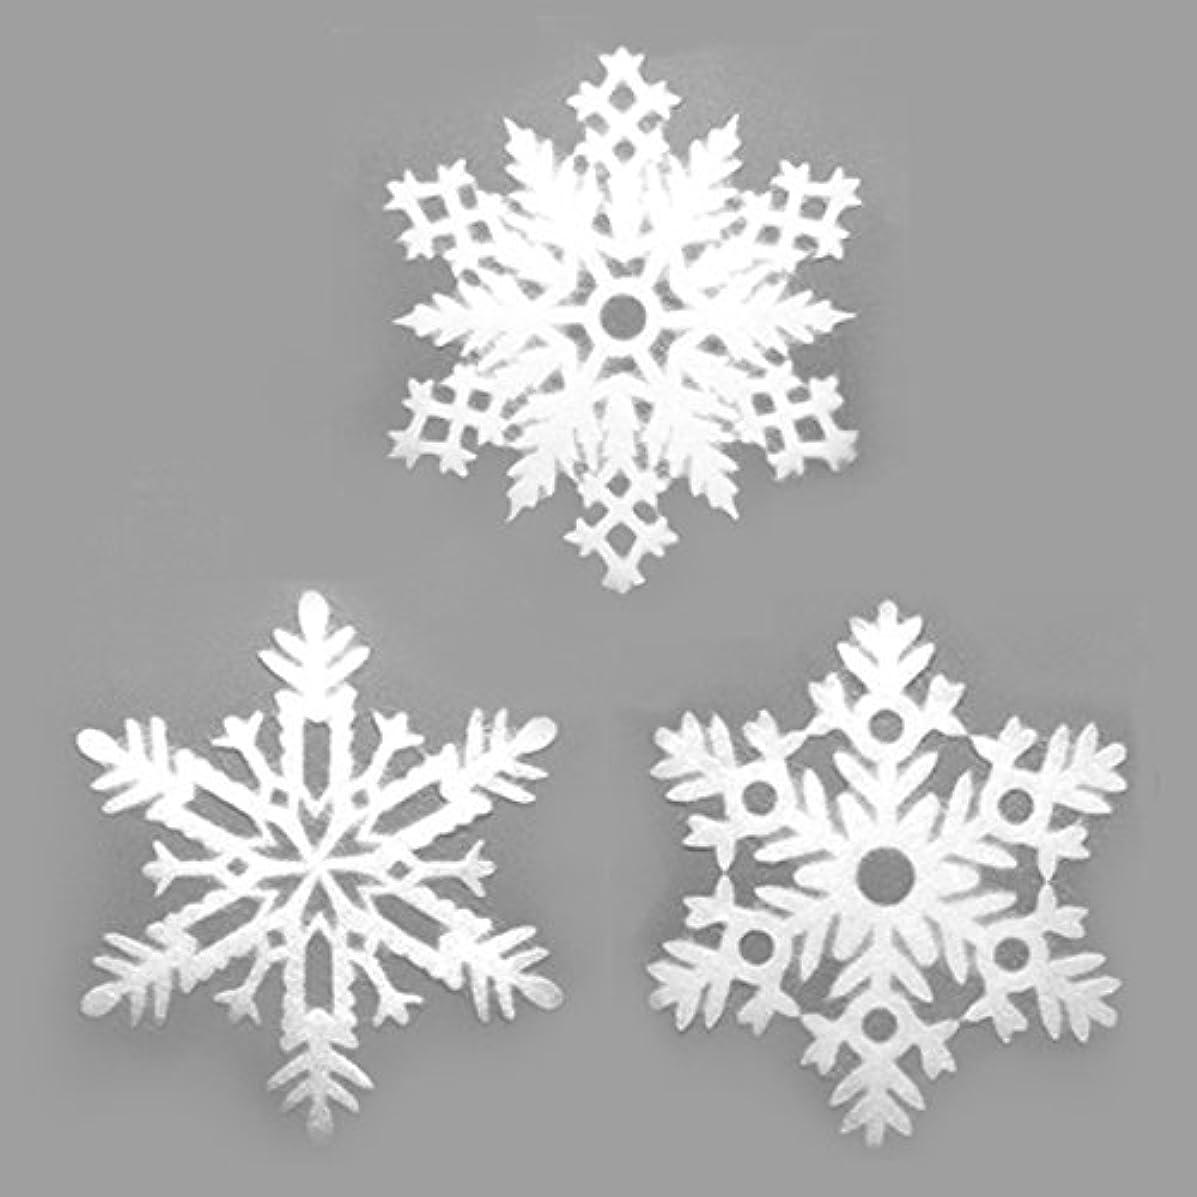 機械的に民主党伴うSNOWFLAKE(スノーフレーク) Sサイズ 3ピース#104 Japan/クリスマス 窓 飾り